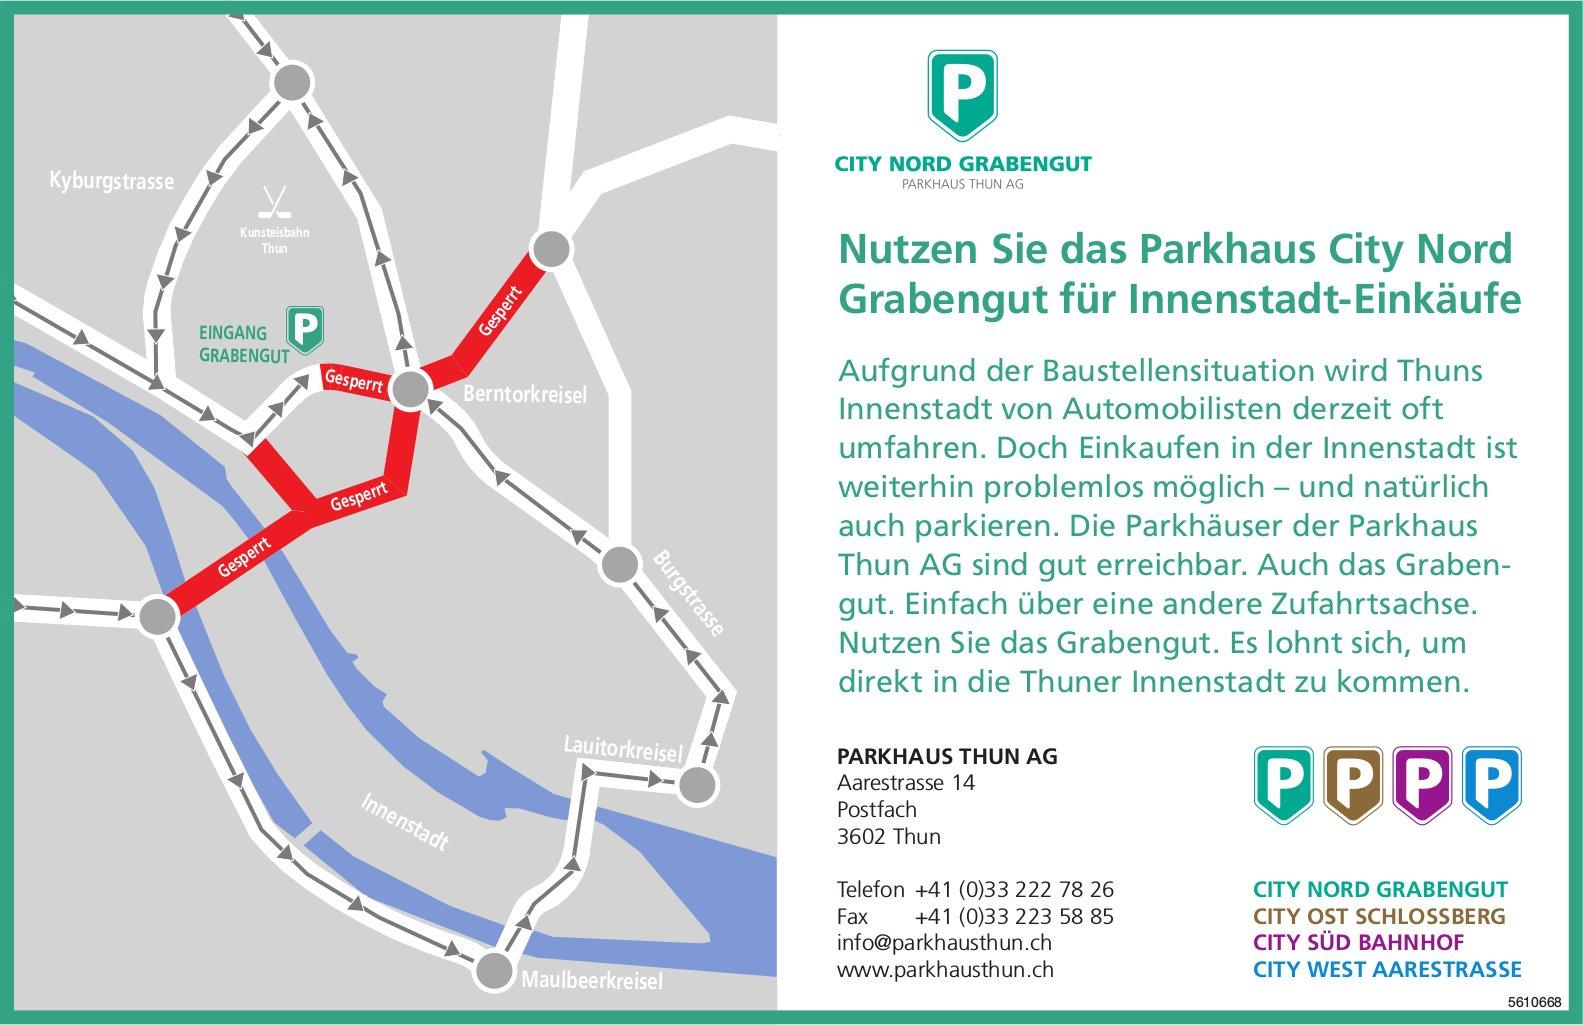 Parkhaus Thun AG - Nutzen Sie das Parkhaus City Nord Grabengut für Innenstadt-Einkäufe